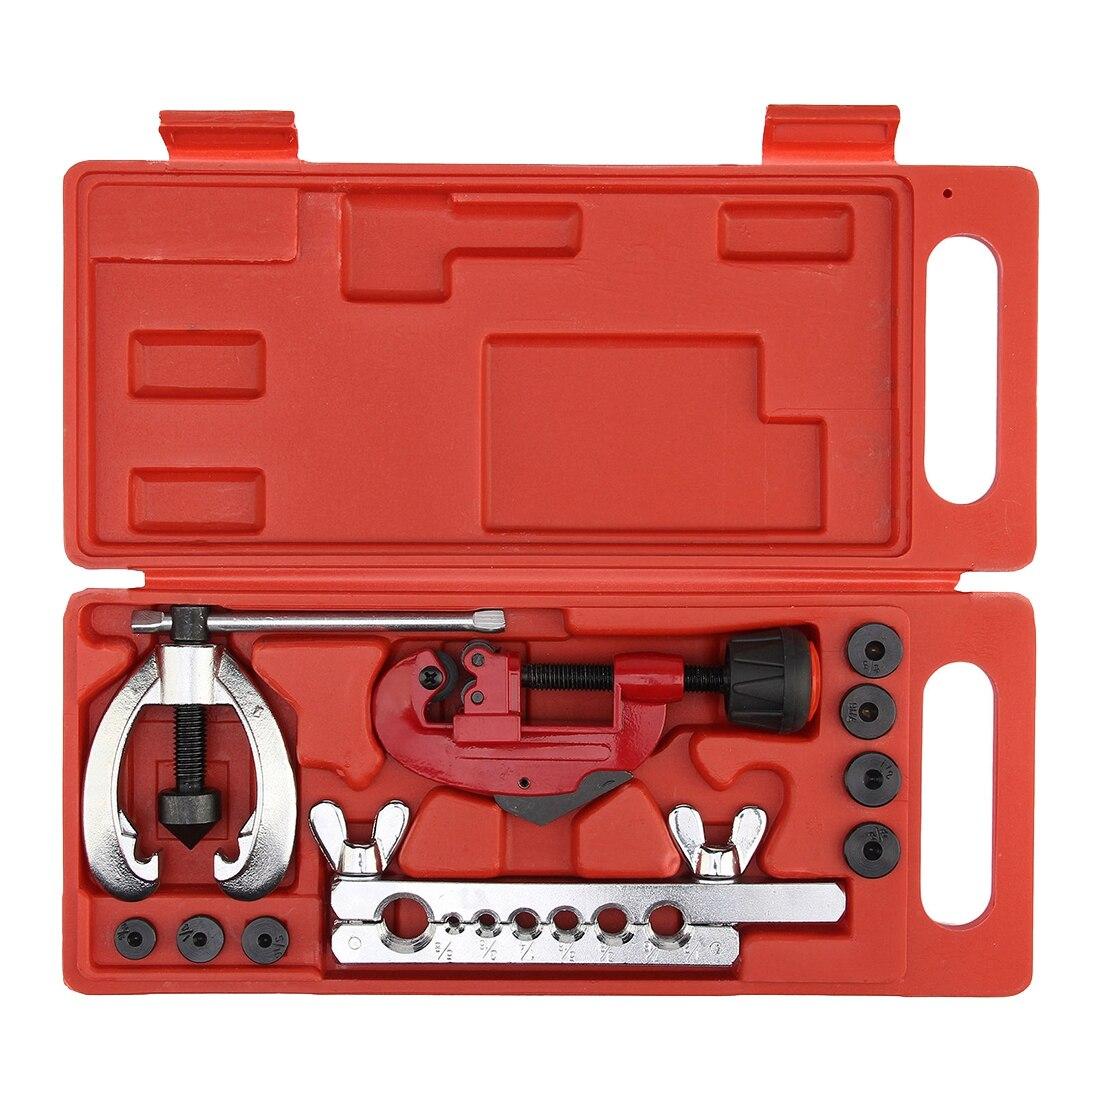 10 pièces cuivre frein tuyau de carburant réparation Double torchage matrices outil ensemble pince Kit Tube Cutter